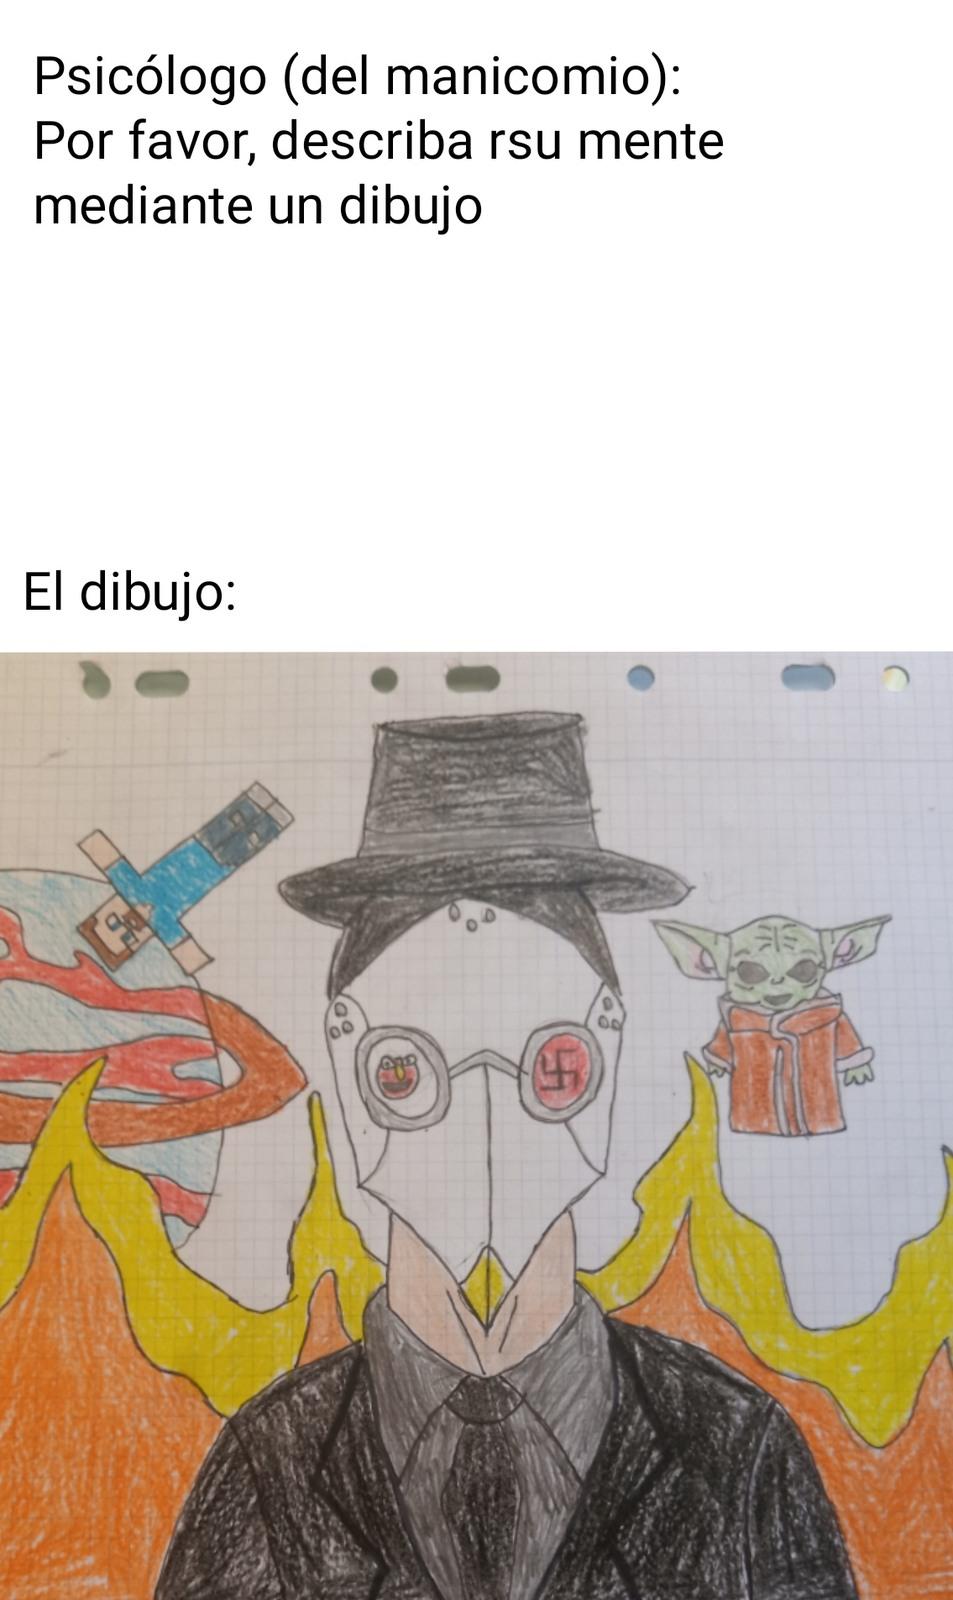 ESA DEFORMIDAD DEL OJO ES ELMO - meme